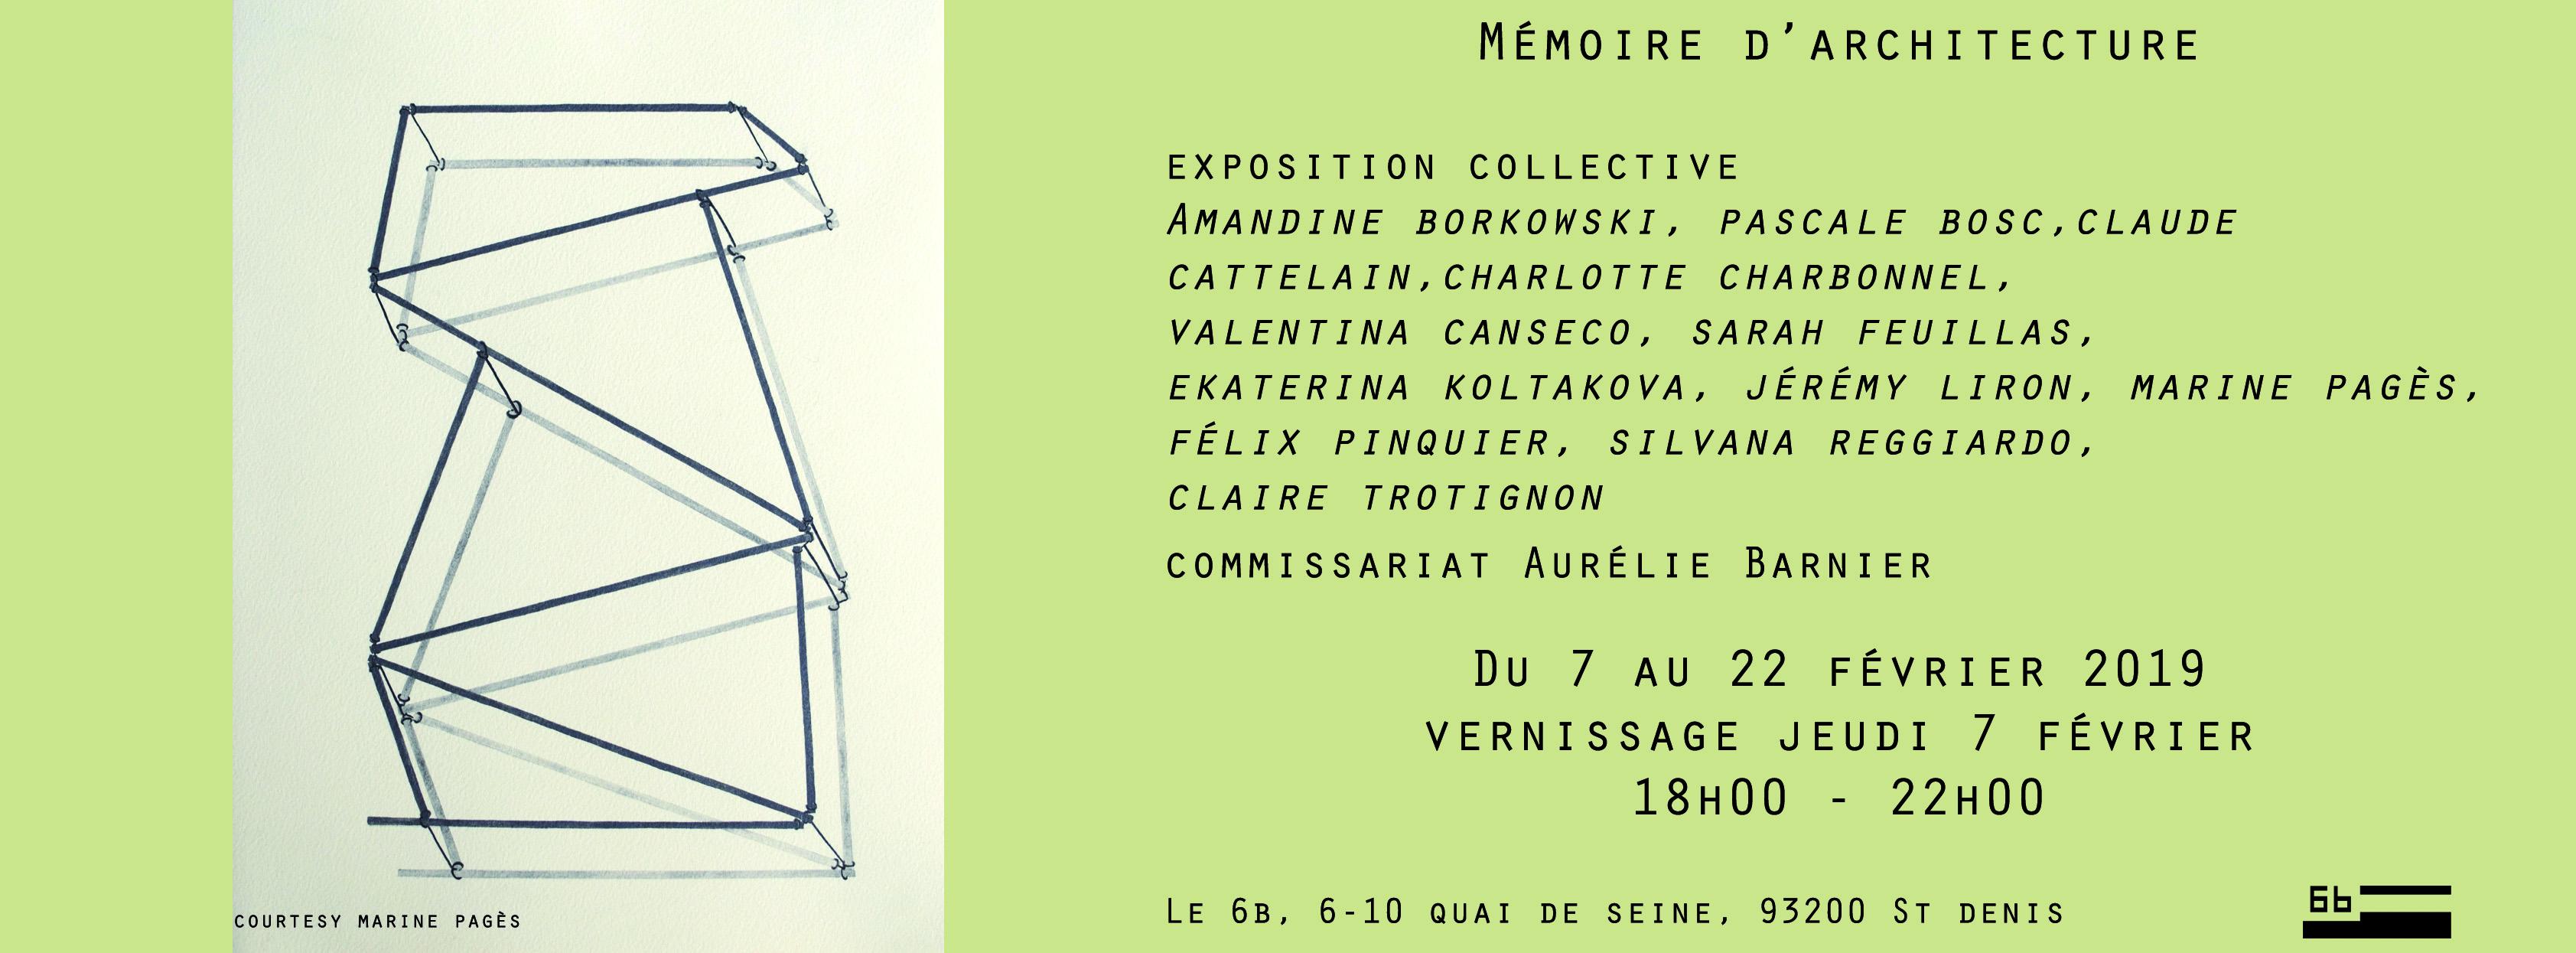 Mémoire d'architecture @ Le 6b